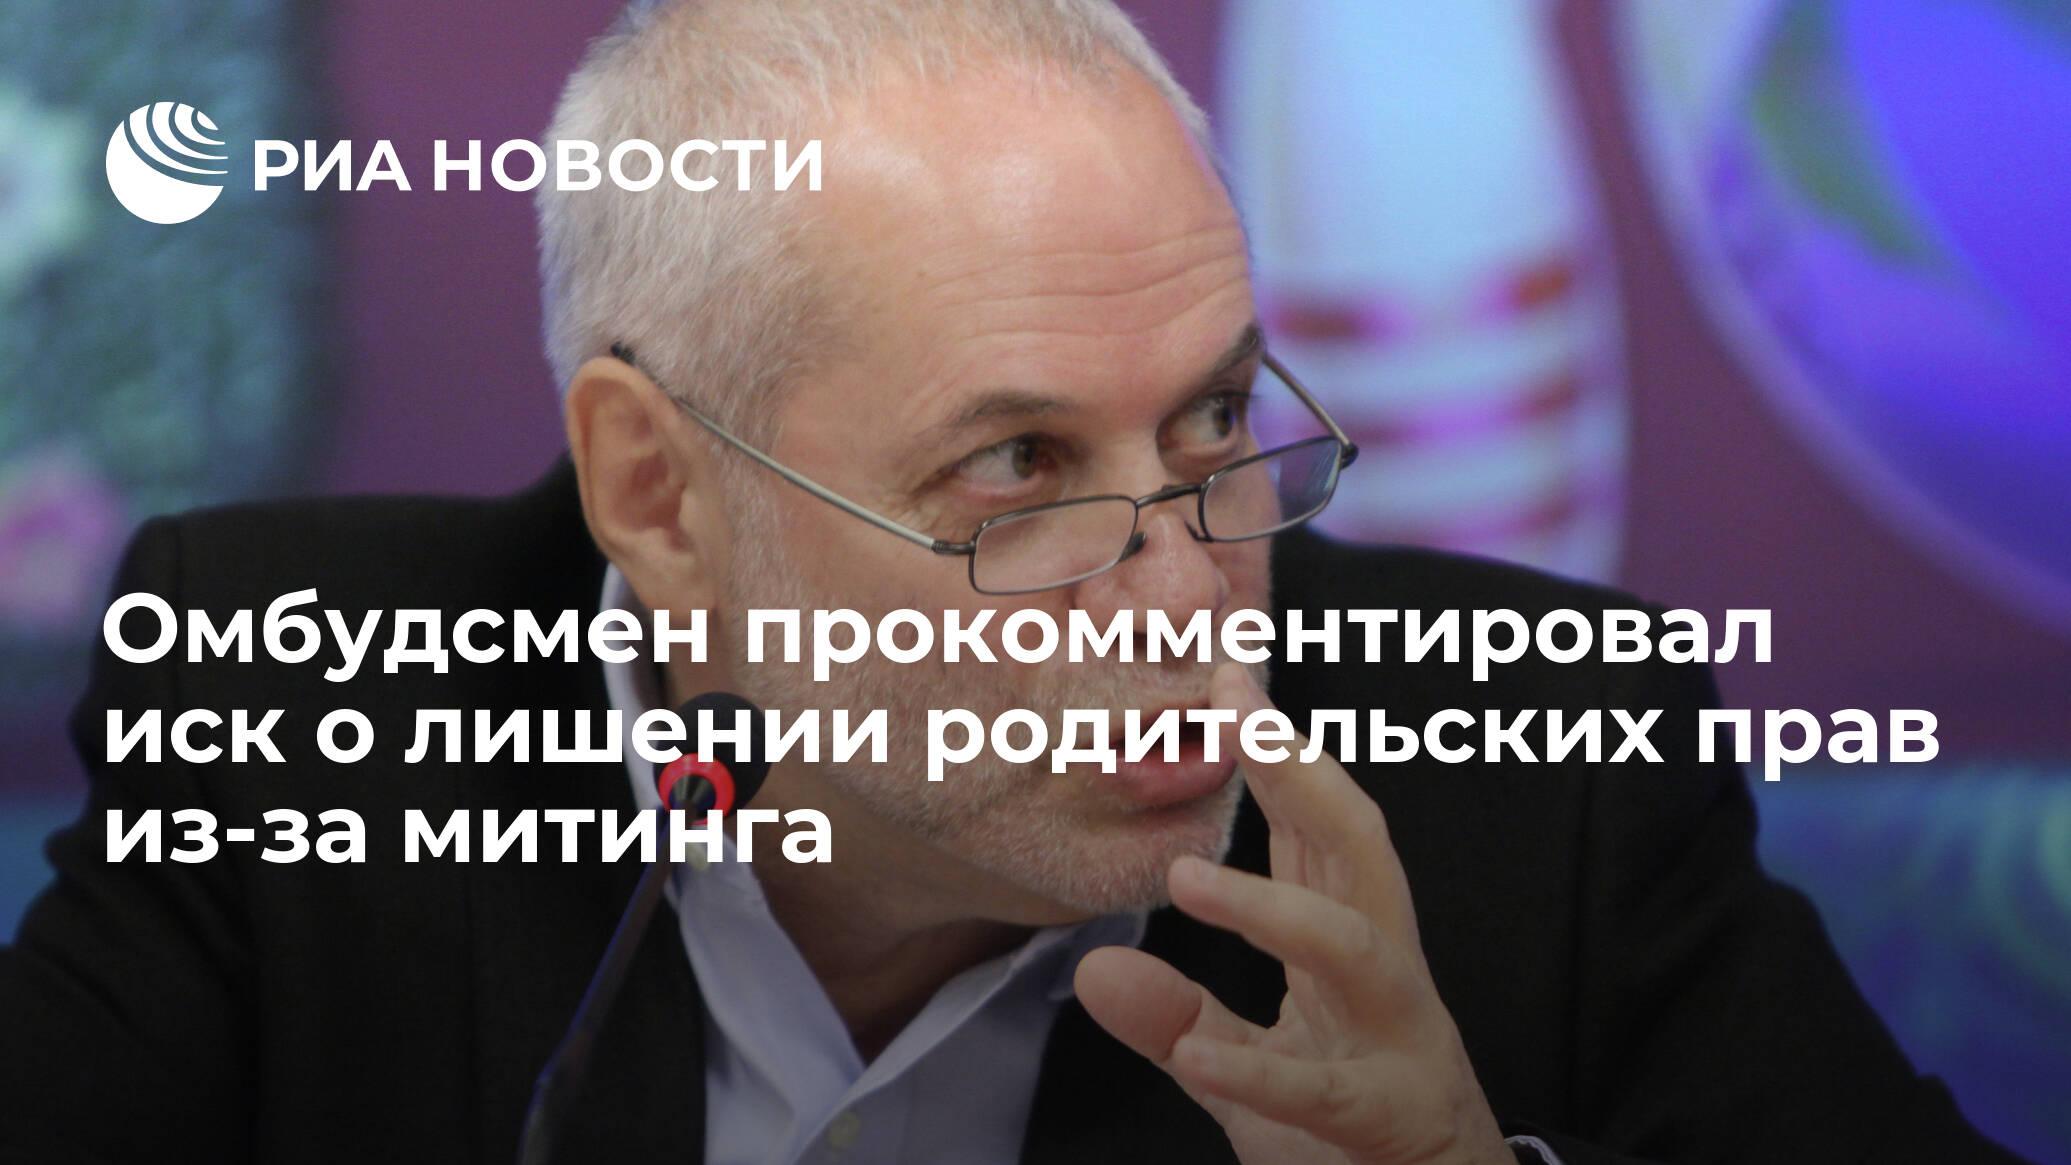 Омбудсмен прокомментировал иск о лишении родительских прав из-за митинга